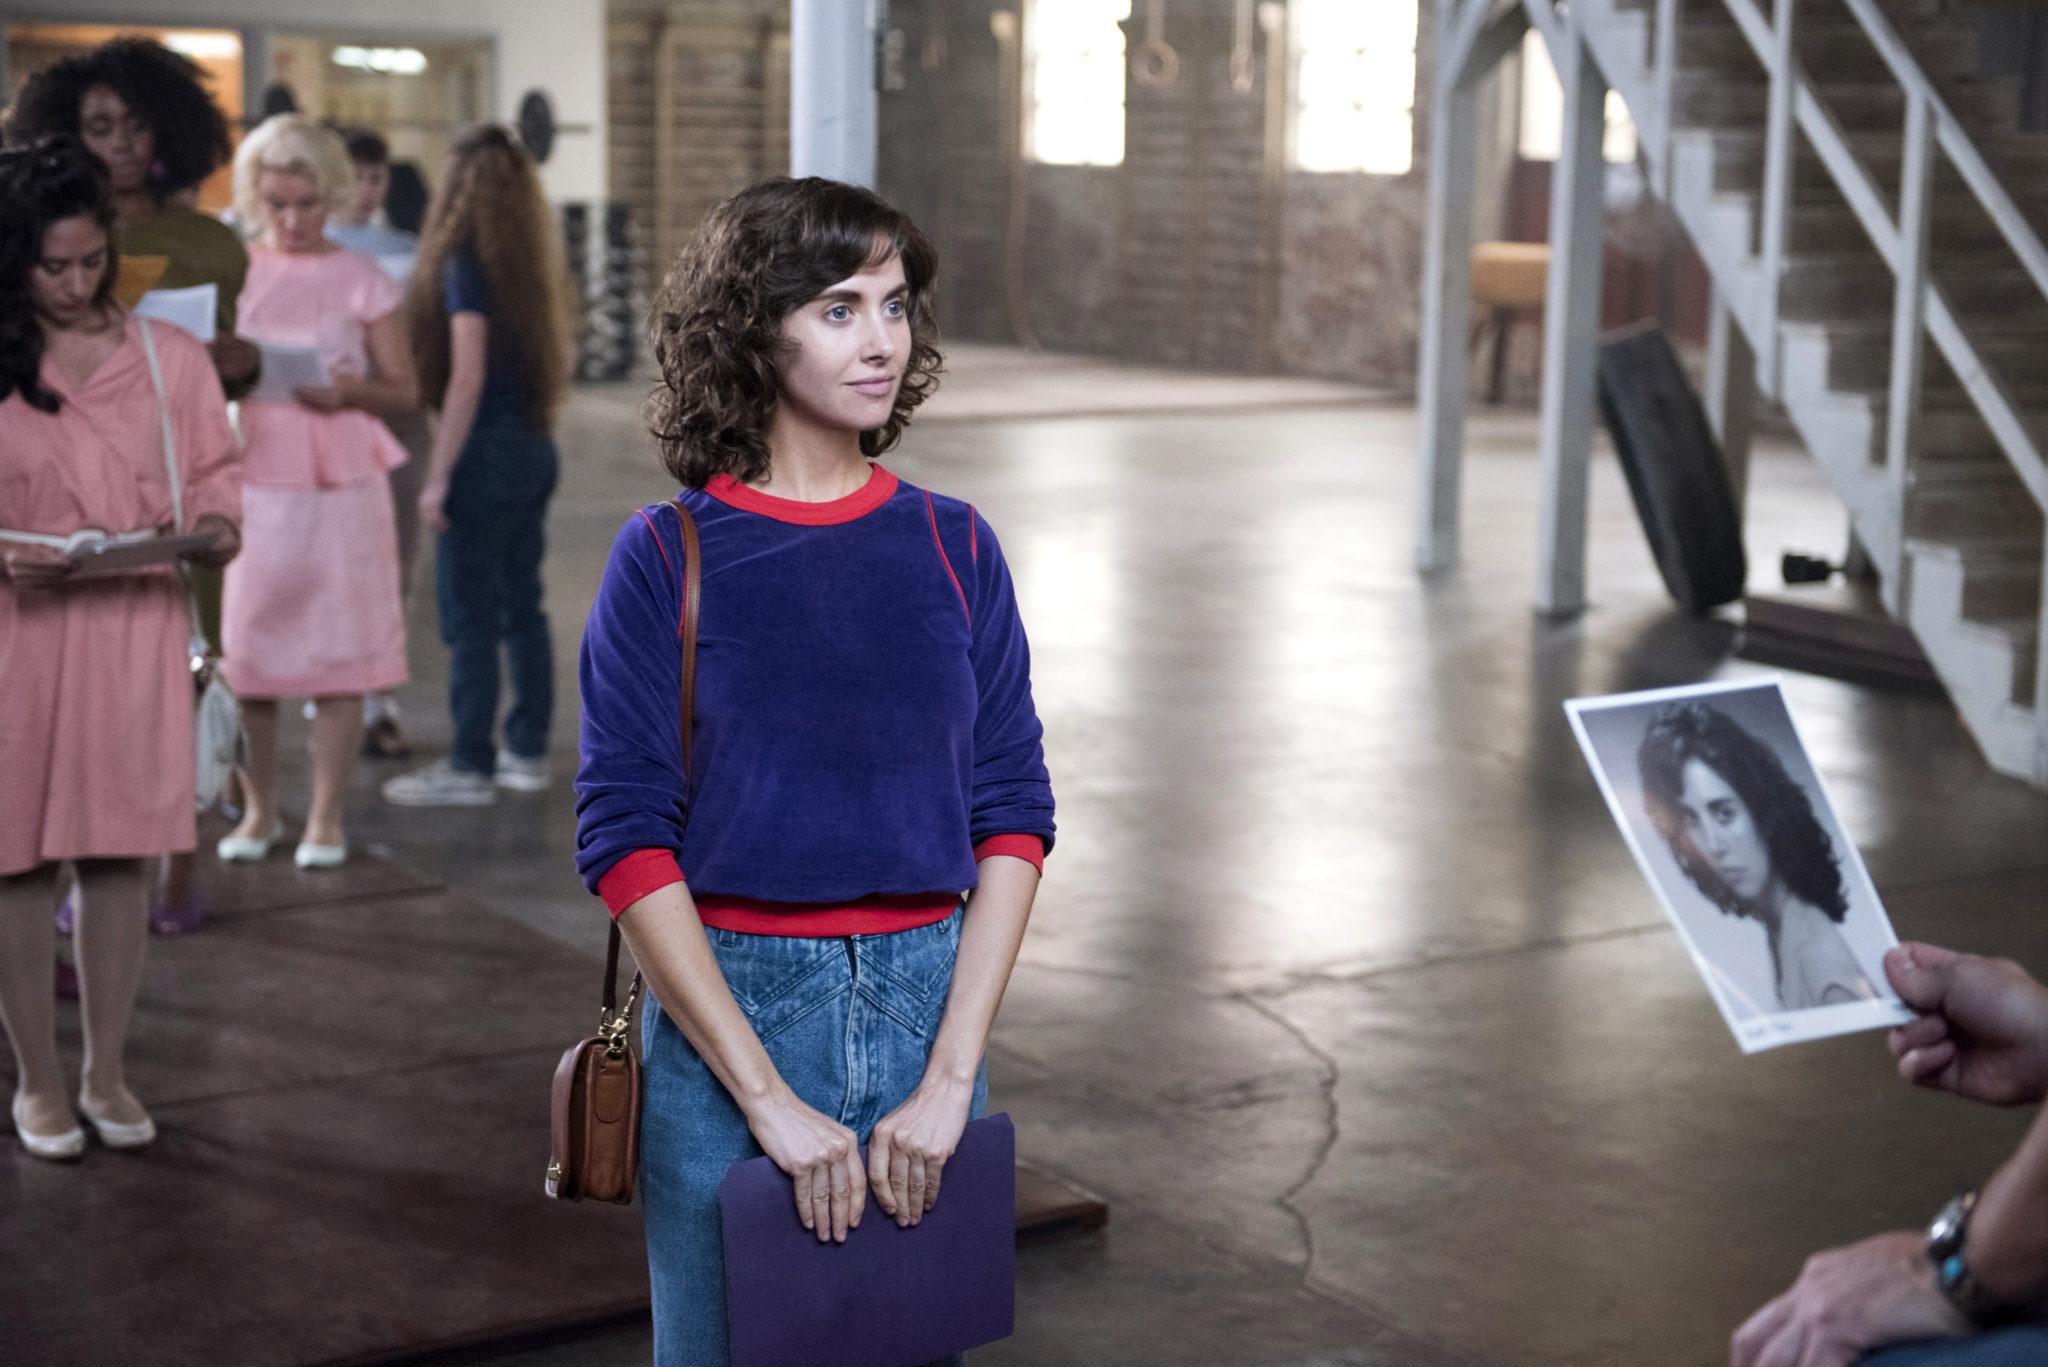 brunetka w niebieskiej bluzie z czerwonymi zakonczeniami i niebieskich jeansach o krotkich wlosach skonczyla stac w kolejce na opuszczonej sali starego magazynu w rekach trzyma portfolio